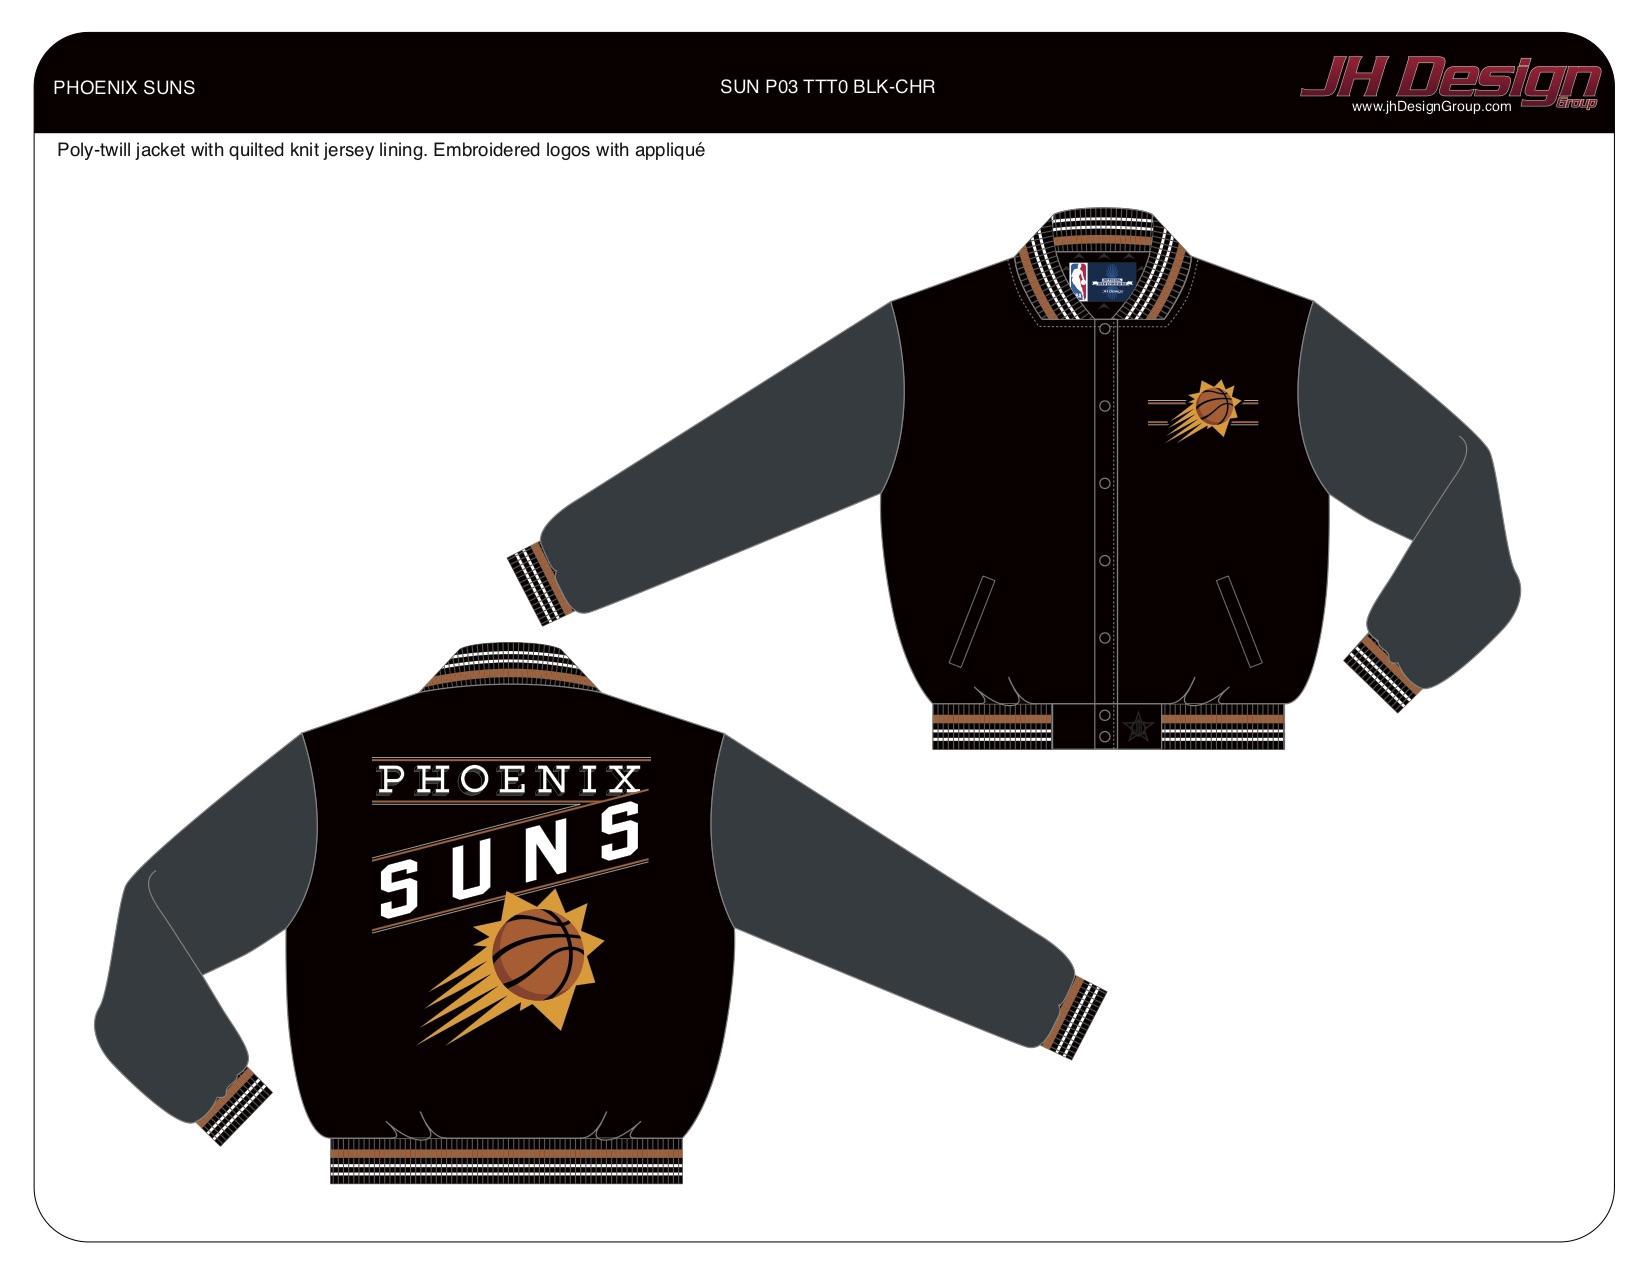 SUN P03 TTT0 BLK-CHR